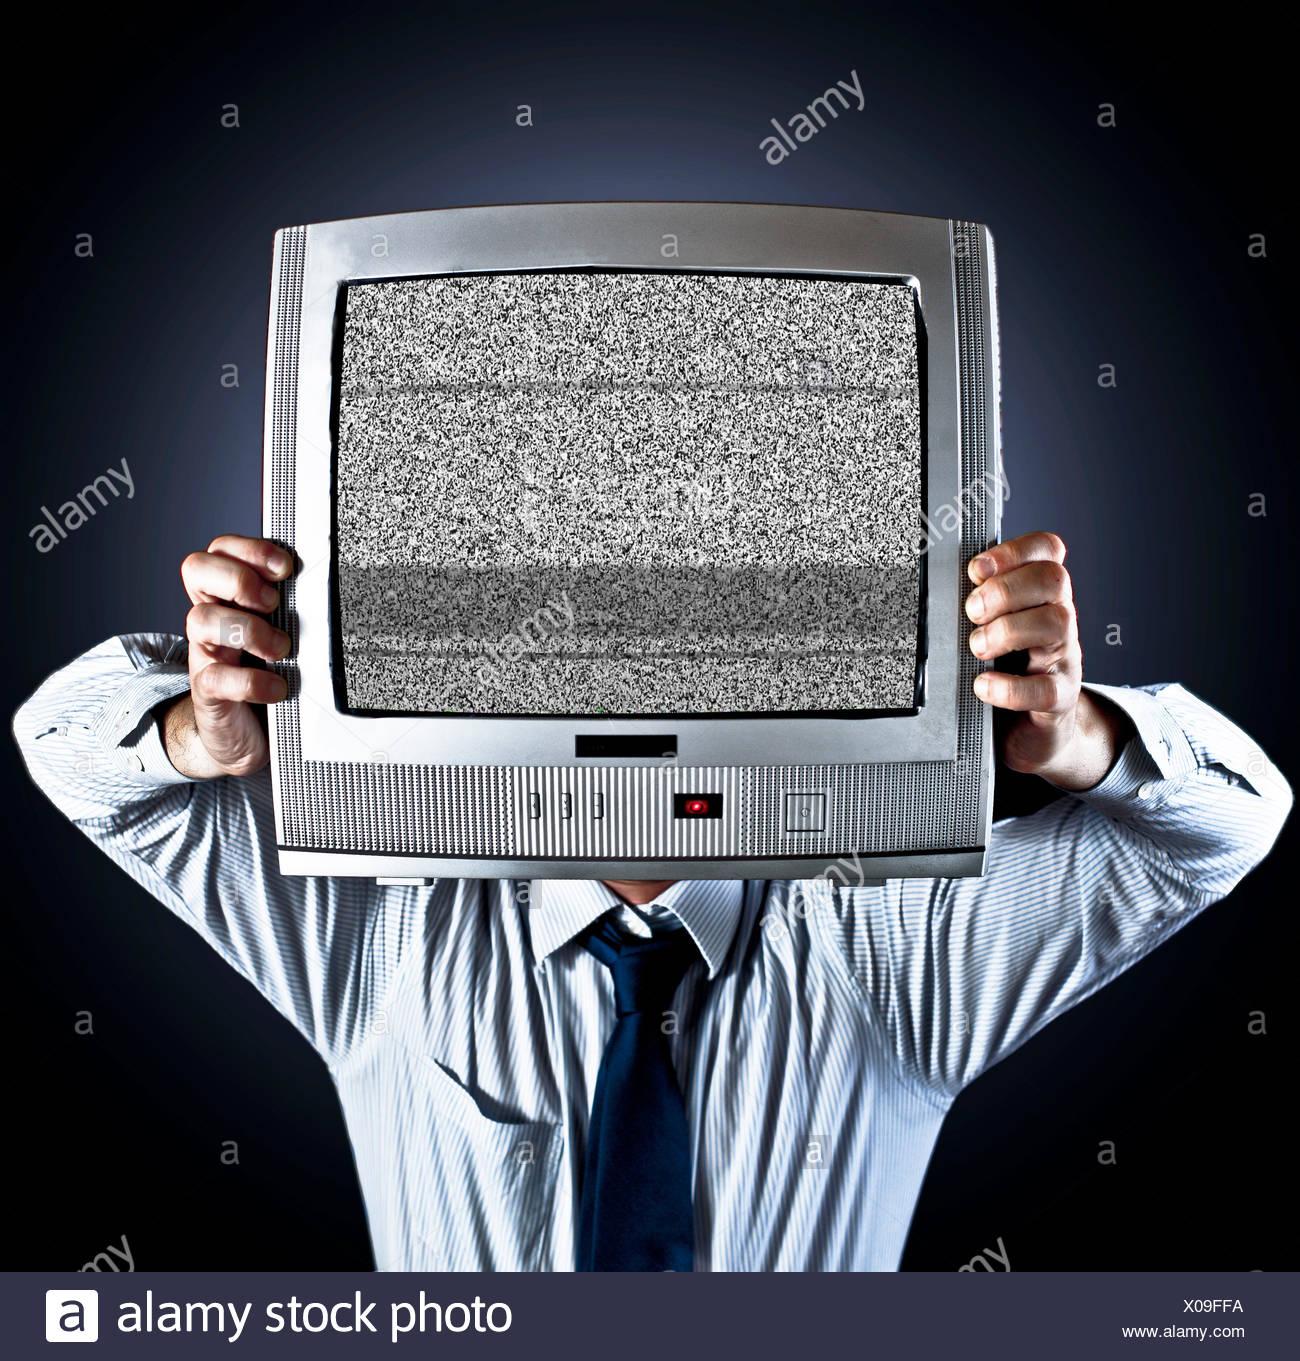 Hombre sujetando la televisión antigua delante de su rostro Imagen De Stock